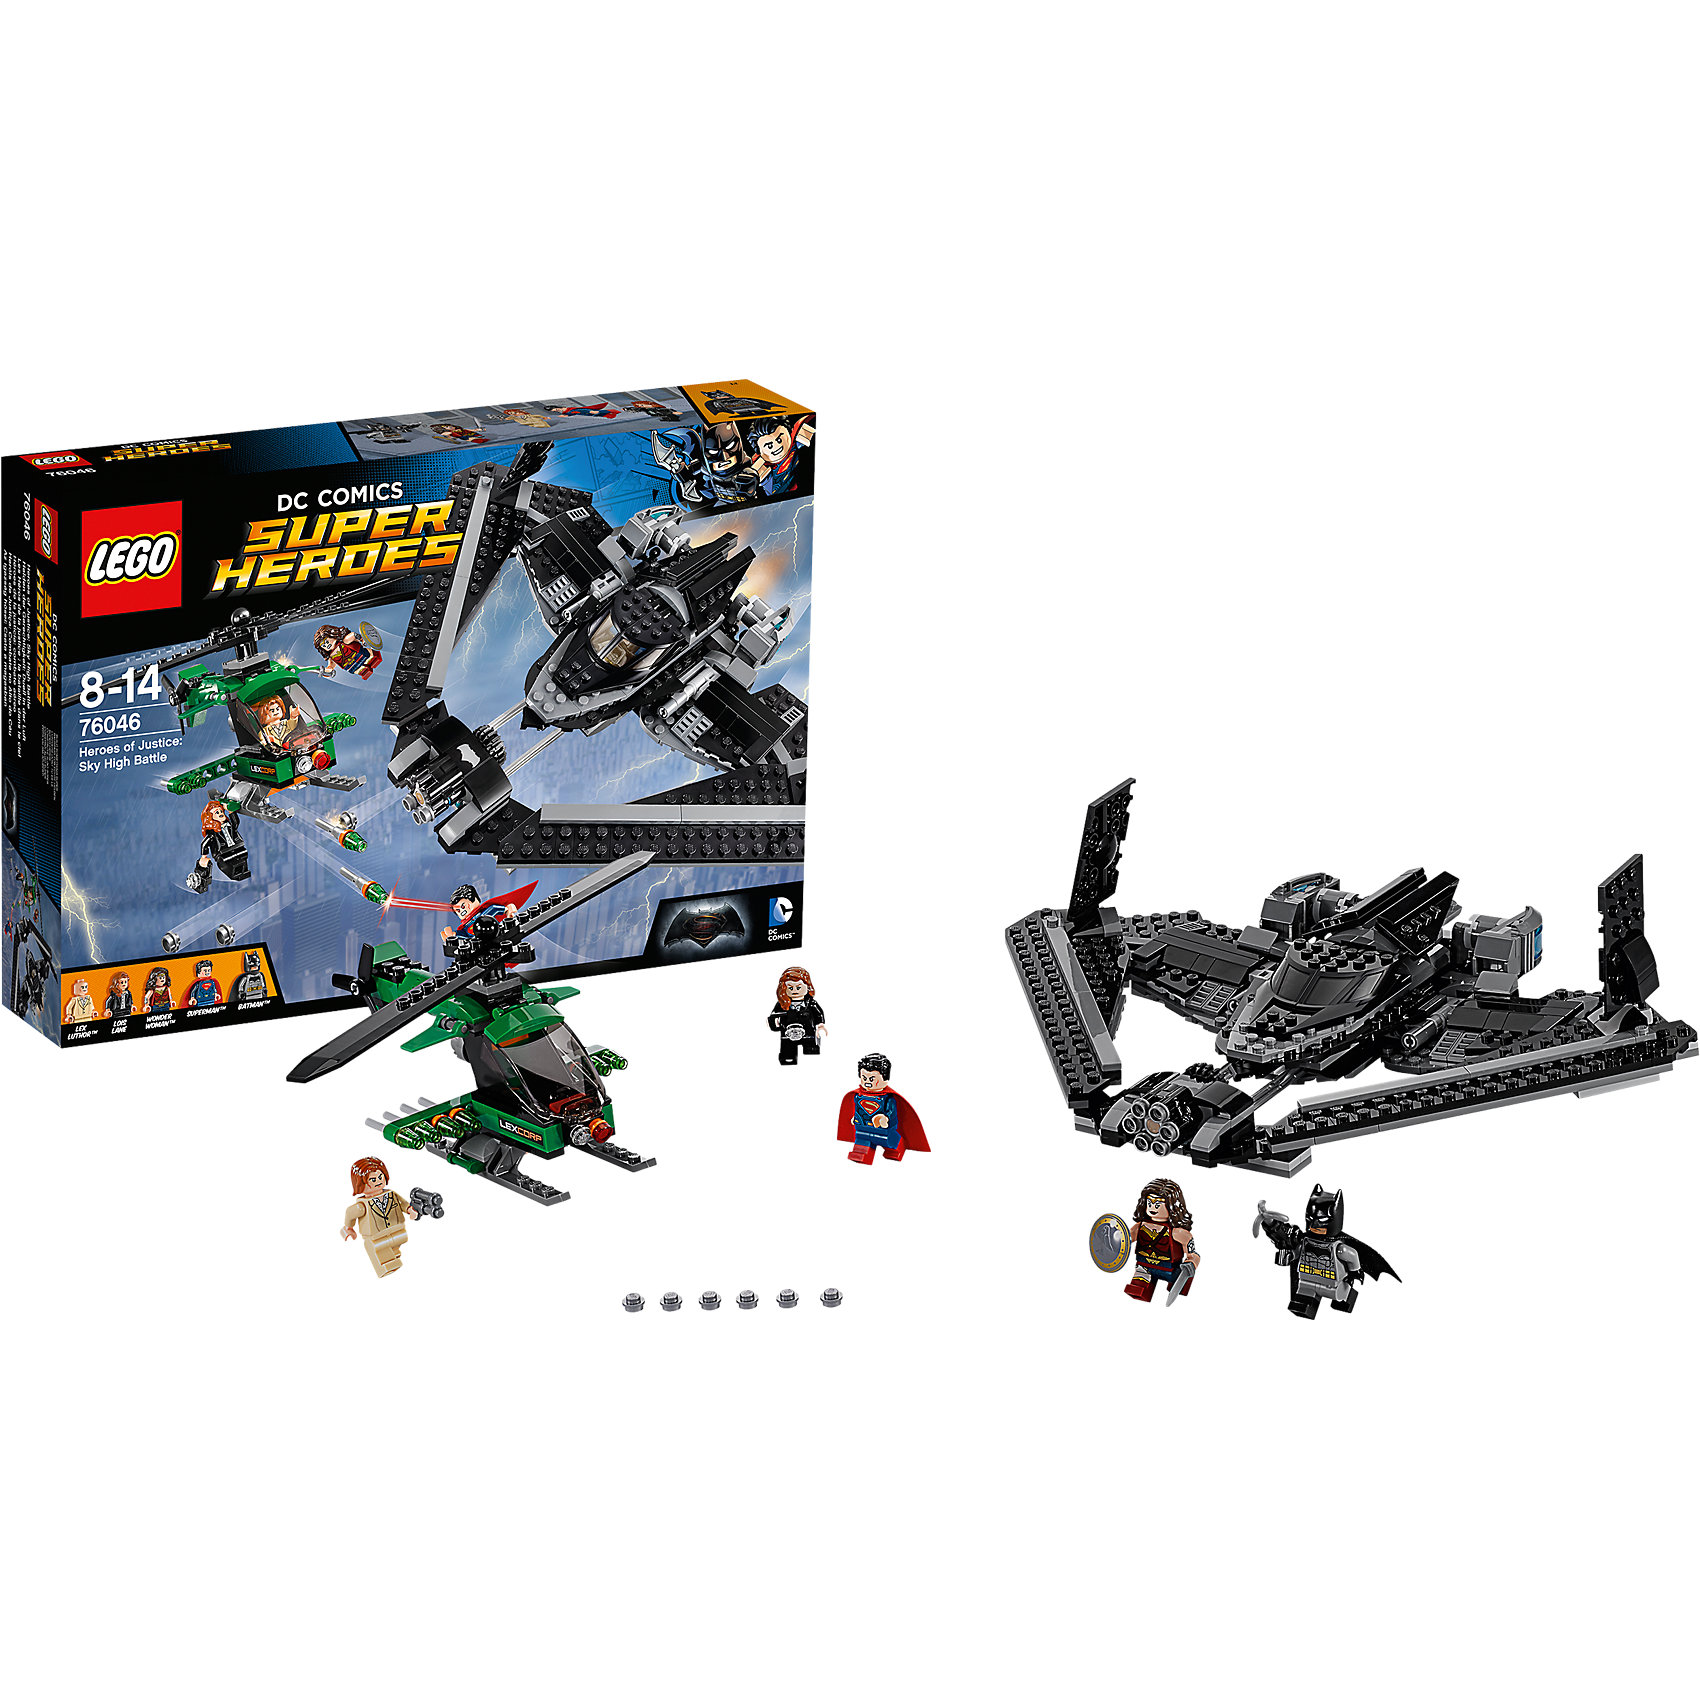 LEGO Super Heroes 76046: Поединок в небеБэтмен<br>Объедини силы с Супергероями, чтобы бросить вызов Лексу Лютору в захватывающей битве высоко в небе над Метрополисом. Запусти Бэтмолёт с Бэтменом в кабине и разверни крылья. Отправляйся в полёт вместе с Суперменом и Чудо-женщиной, чтобы спасти Лоис от падения. Уворачивайся от криптонитовых маневренных ракет вертолета LexCorp и стреляй в ответ из потрясающего скорострельного шутера Бэтмолёта. Затем перенеси битву на улицы города, действуя захватным крюком Бэтмена.<br><br>LEGO Super Heroes (ЛЕГО Супер Герои) - серия конструкторов созданная специально по мотивам всеми известных комиксов. Спасай мир и борись со злом вместе с любимыми супергероями! Наборы серии можно комбинировать между собой, давая безграничные просторы для фантазии и придумывая свои новые истории. <br><br>Дополнительная информация:<br><br>- Конструкторы ЛЕГО развивают усидчивость, внимание, фантазию и мелкую моторику. <br>- 5 минифигурок в комплекте: Бэтмен, Чудо-женщина, Супермен, Лоис, Лекс Лютер. <br>- В комплекте 5 минифигурок, аксессуары, вертолет, Бэтмолёт.<br>- Количество деталей: 517.<br>- Серия ЛЕГО Супер Герои (LEGO Super Heroes).<br>- Материал: пластик.<br>- Размер упаковки: 38х7х26 см.<br>- Вес: 0.8 кг.<br><br>Конструктор LEGO Super Heroes 76046: Поединок в небе можно купить в нашем магазине.<br><br>Ширина мм: 381<br>Глубина мм: 261<br>Высота мм: 73<br>Вес г: 798<br>Возраст от месяцев: 96<br>Возраст до месяцев: 168<br>Пол: Мужской<br>Возраст: Детский<br>SKU: 4259156